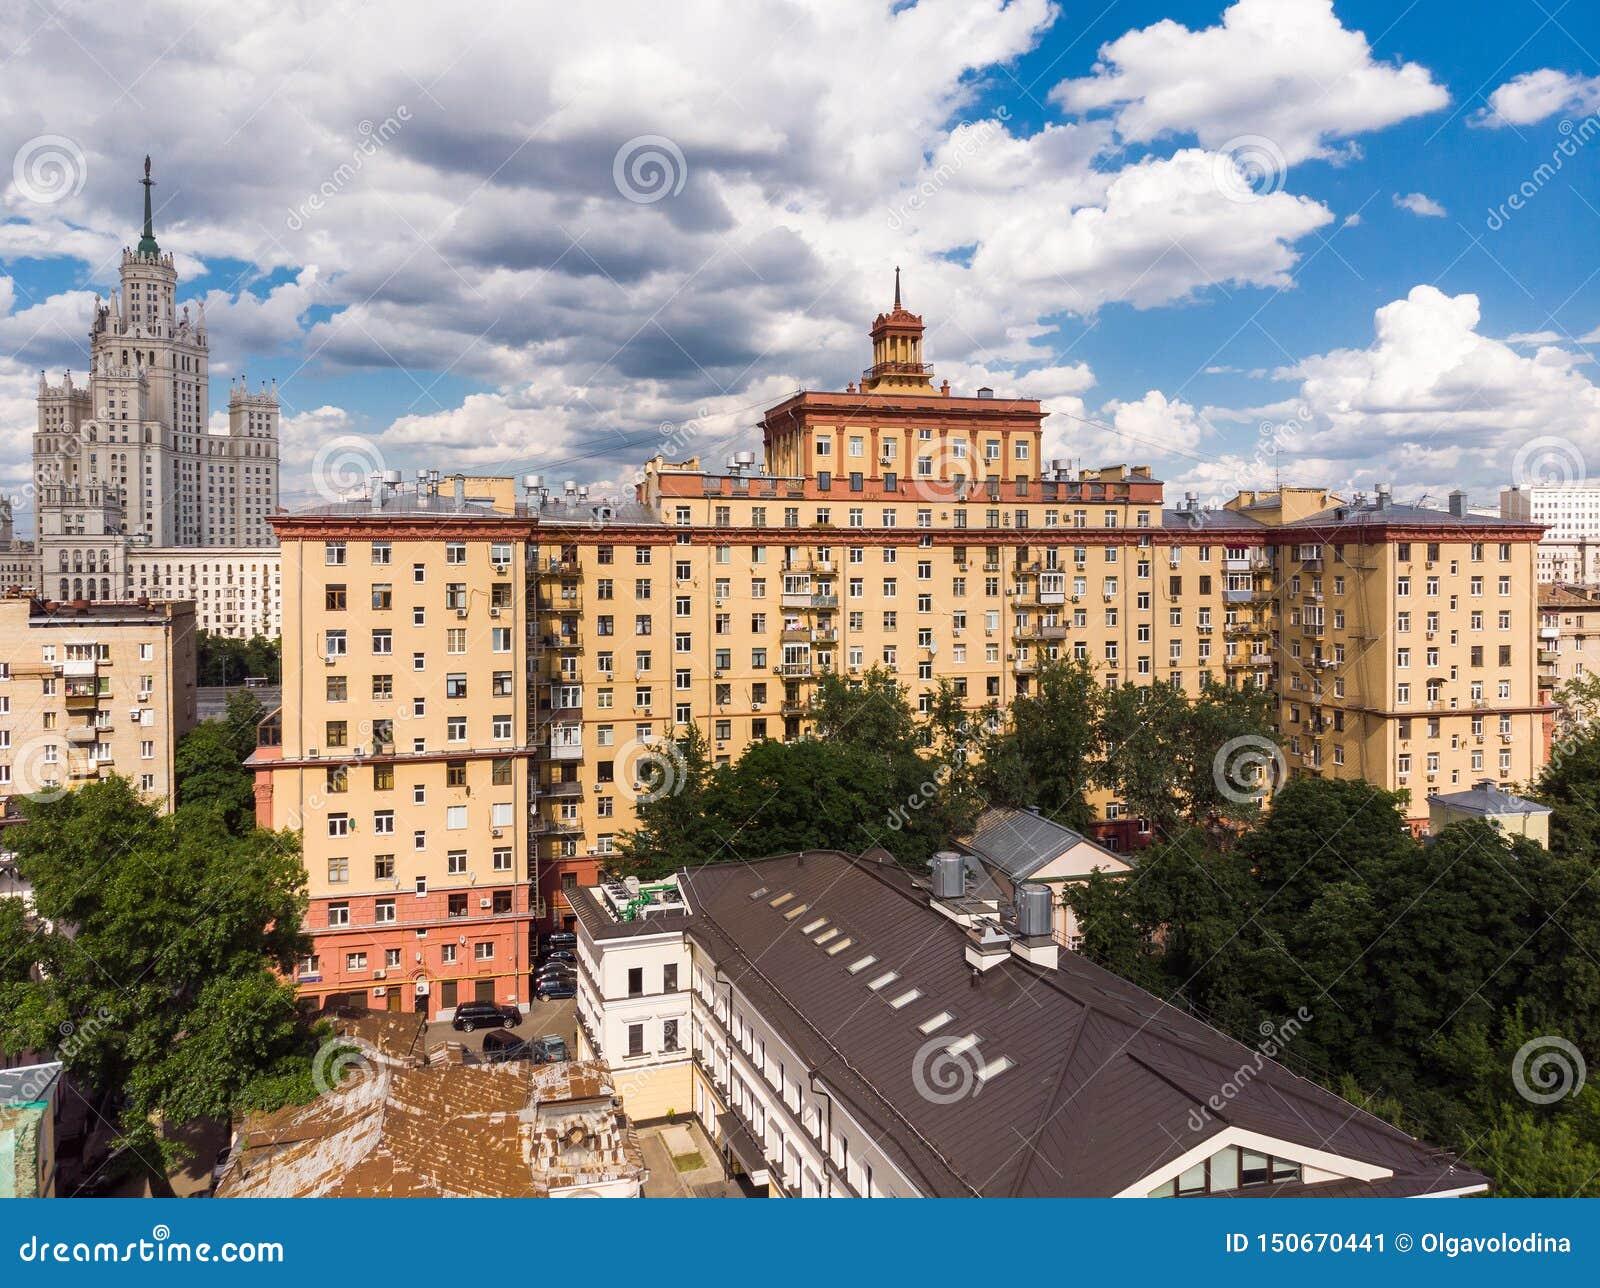 Vista superior de casas viejas en el centro en Moscú, Rusia